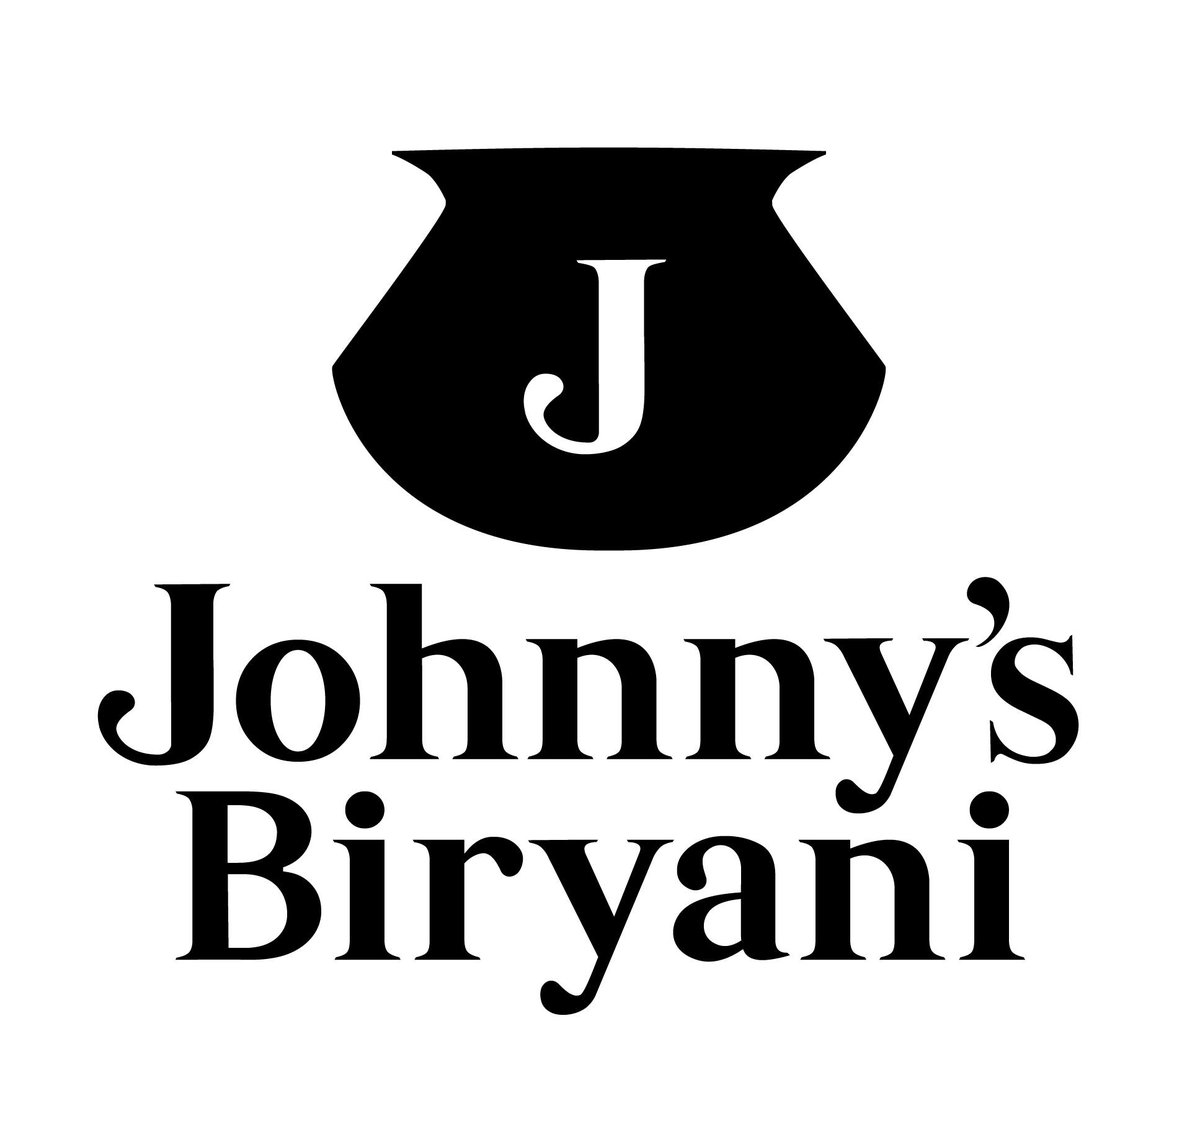 ジョニーのビリヤニ